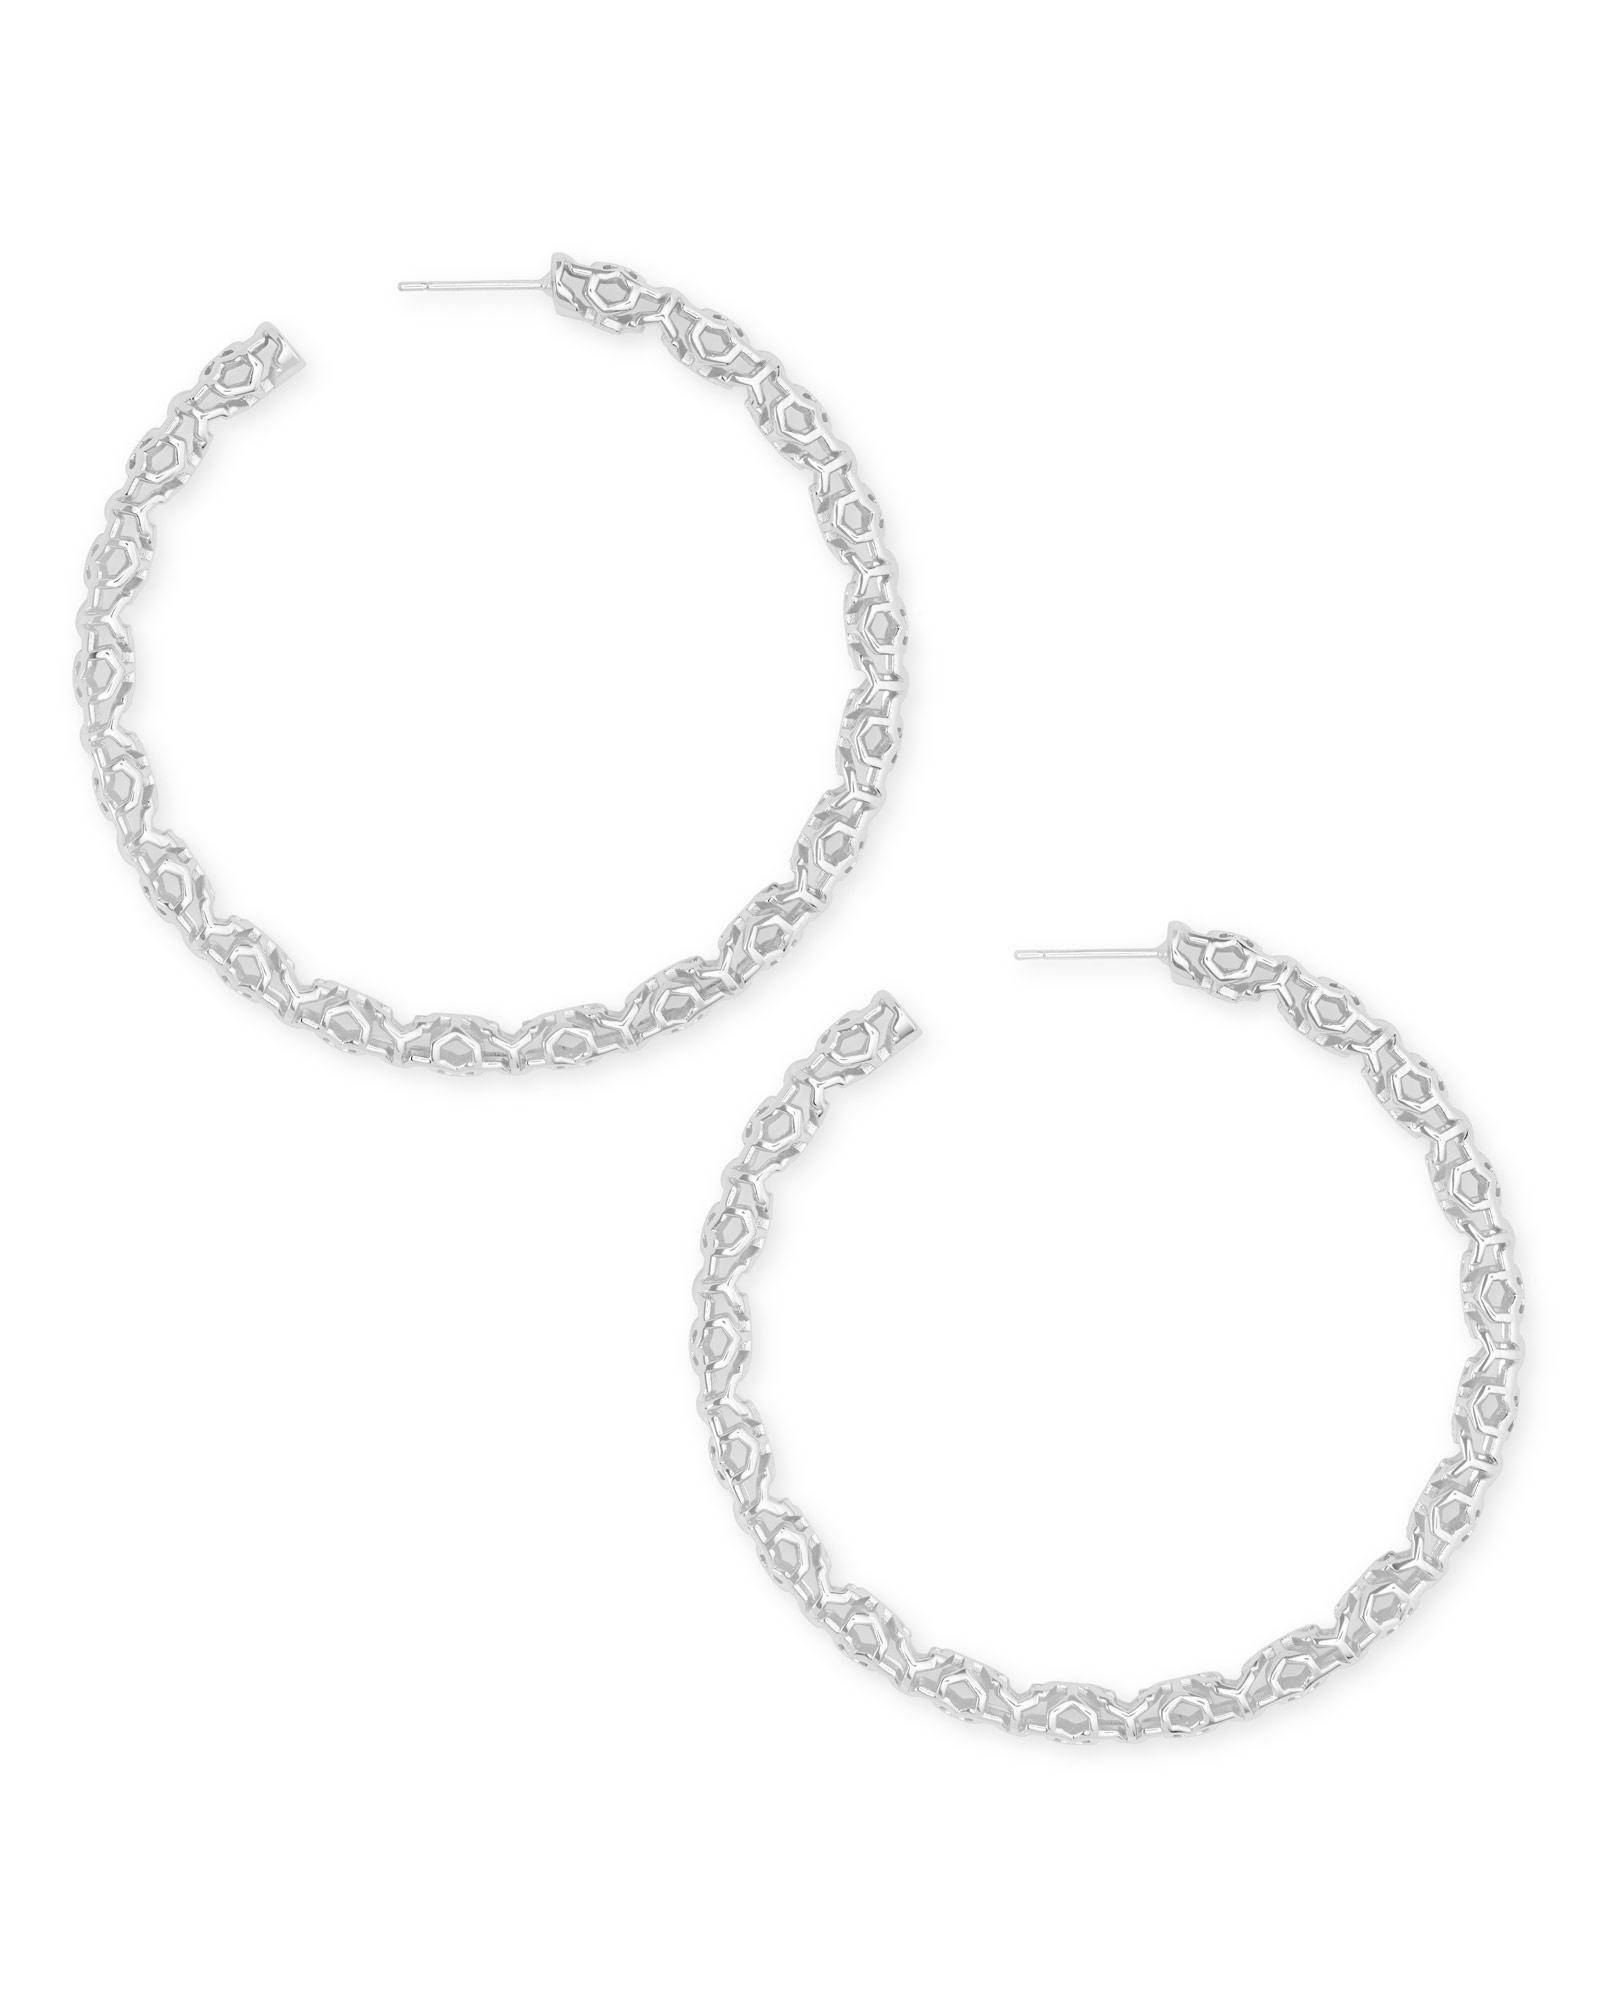 Maggie Large Hoop Earrings